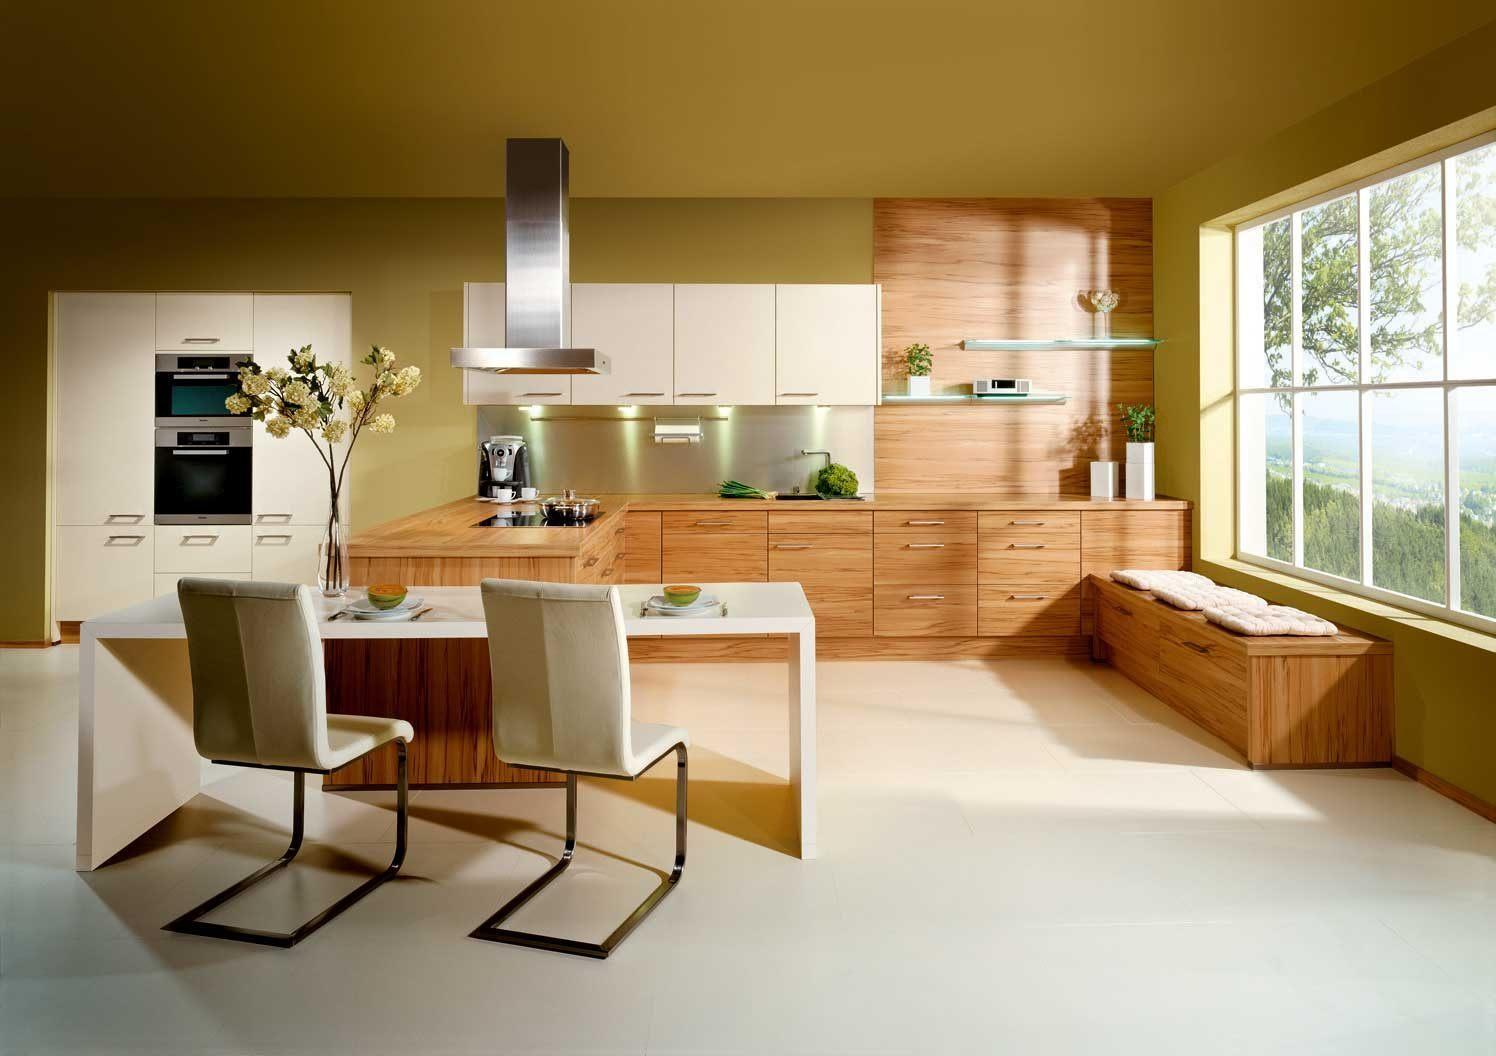 DICAS de como usar Balcões na sua Cozinha Americana Amando  #3B2605 1496 1056